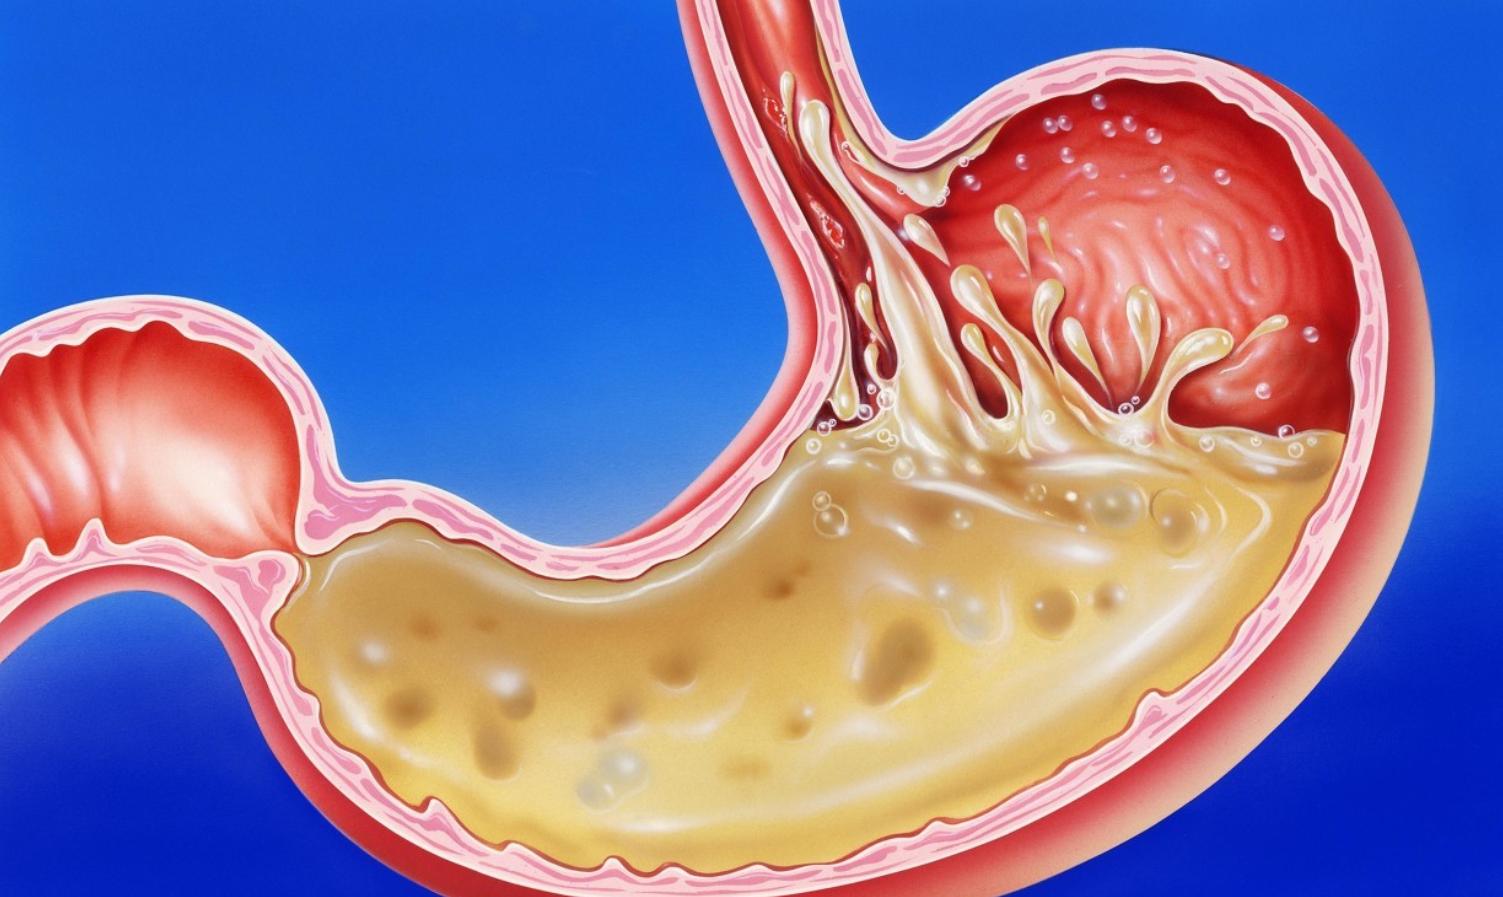 与化疗相比,欧狄沃联合化疗一线治疗胃癌与食管癌,显著提升总生存期与无进展生存期